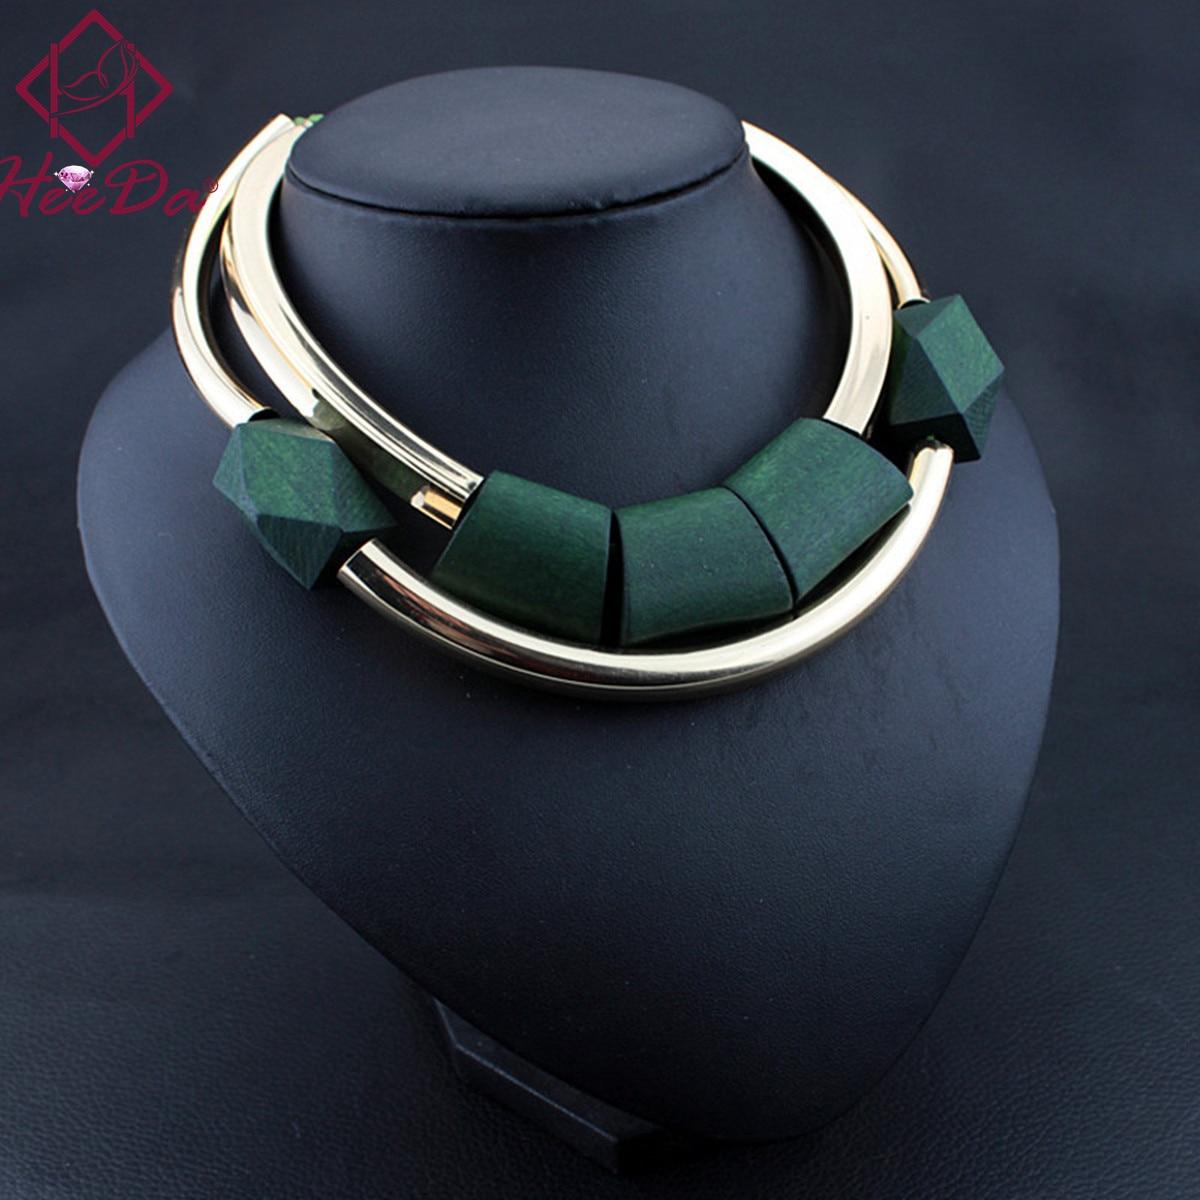 Vintage bois perles pendentif collier Initial pour les femmes mode vert noir tour de cou Kpop grand nom Bijoux Femme Bijoux américains